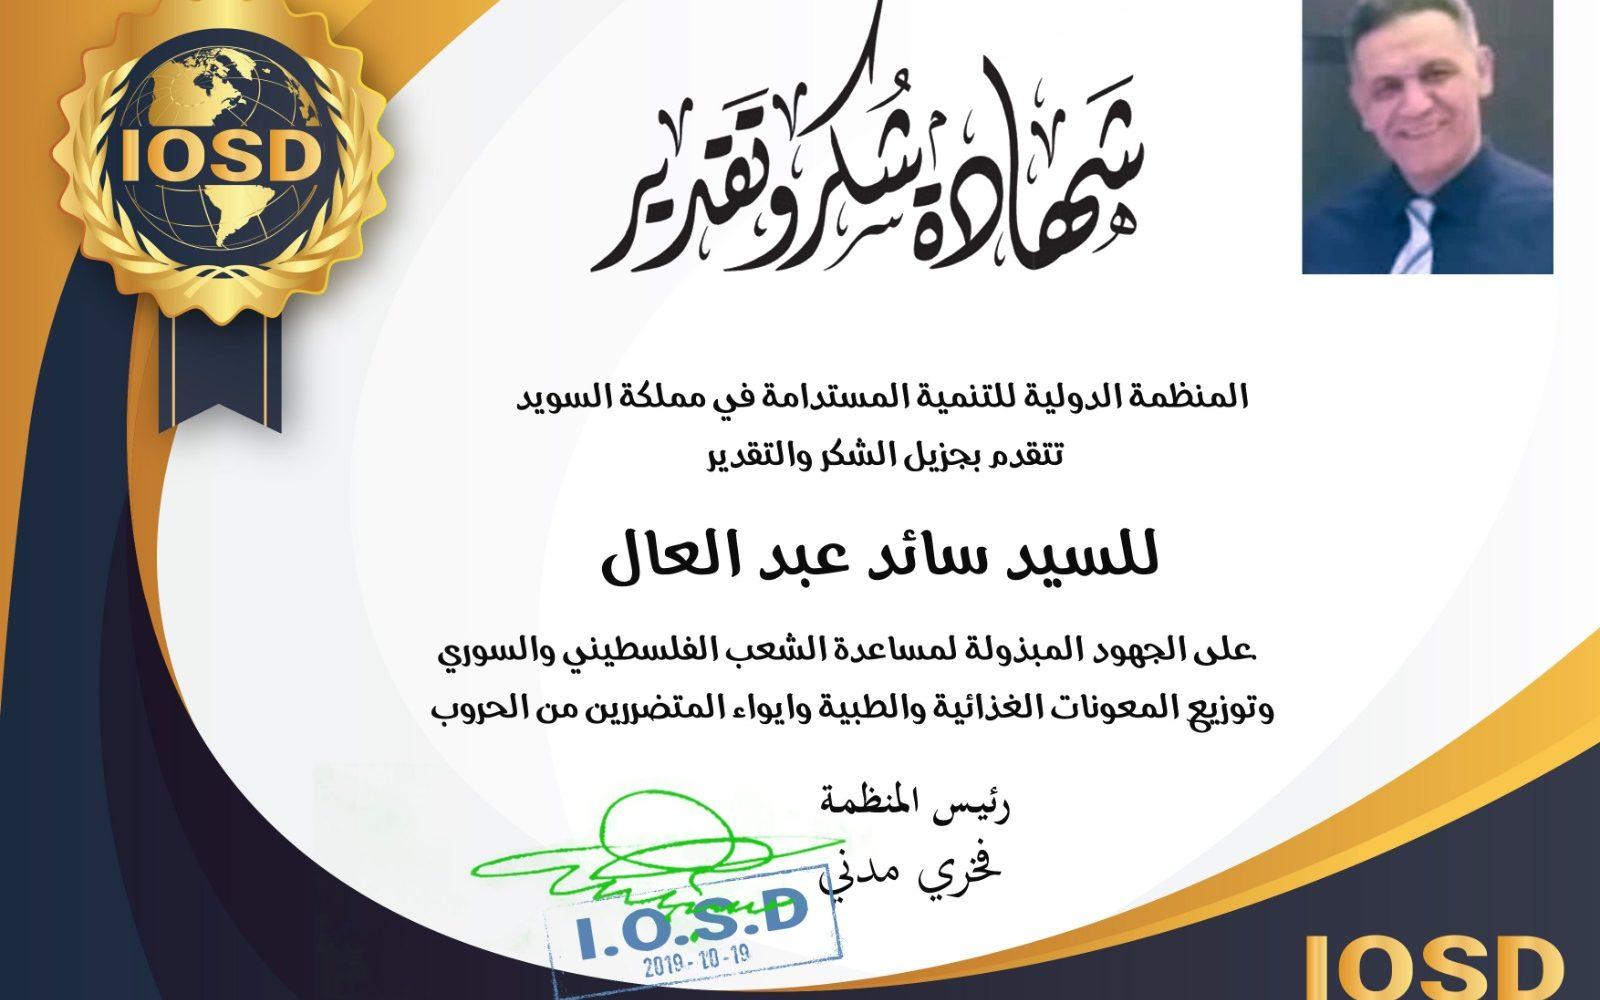 منظمة التنمية المستدامة وشكر لرئيس حركة فلسطين حرة سائد عبد العال